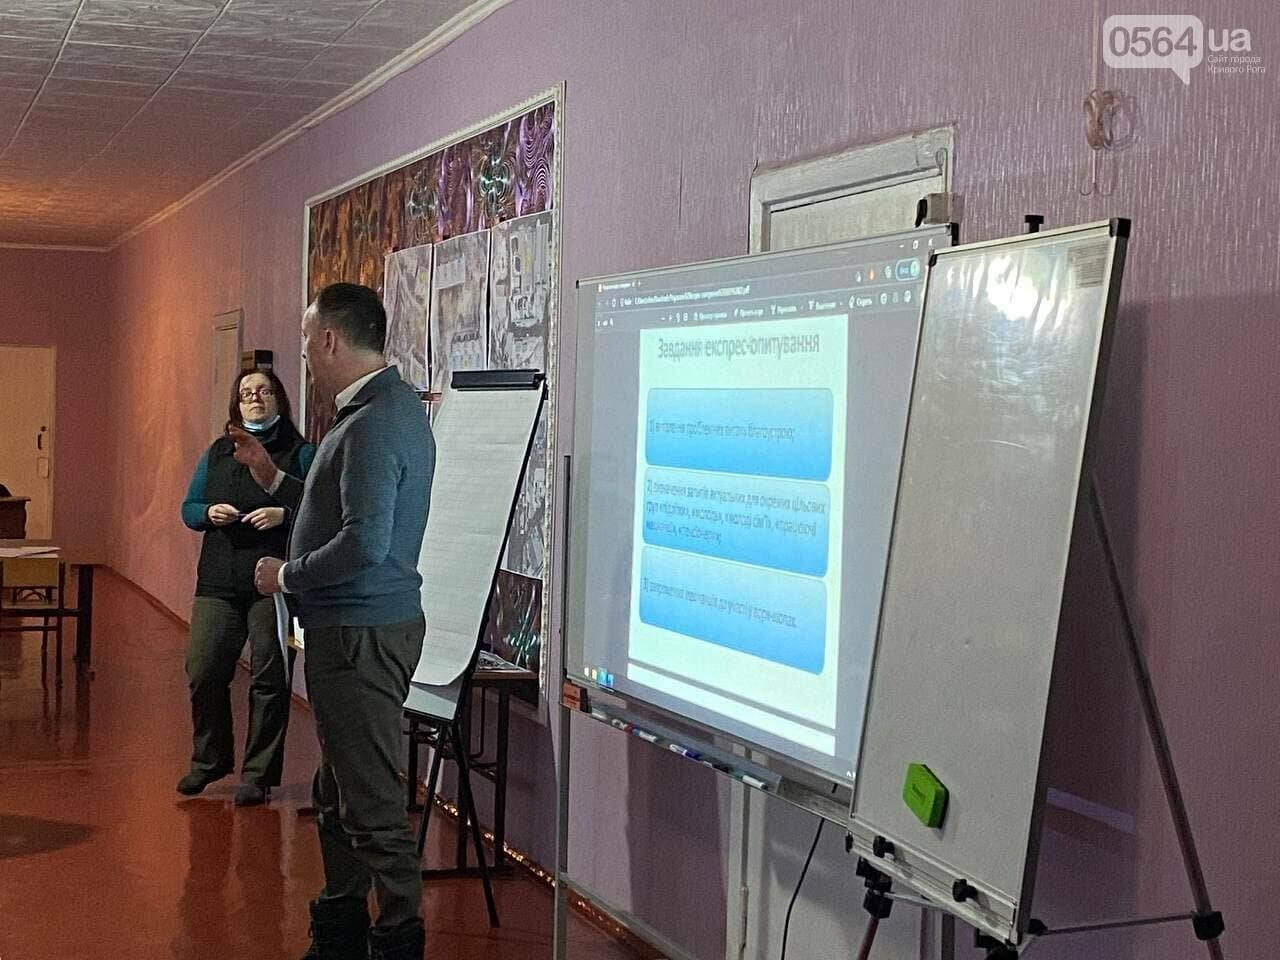 В Кривом Роге начались слушания по вопросу реализации проекта развития 4-го Заречного, - ФОТО, ВИДЕО, фото-4